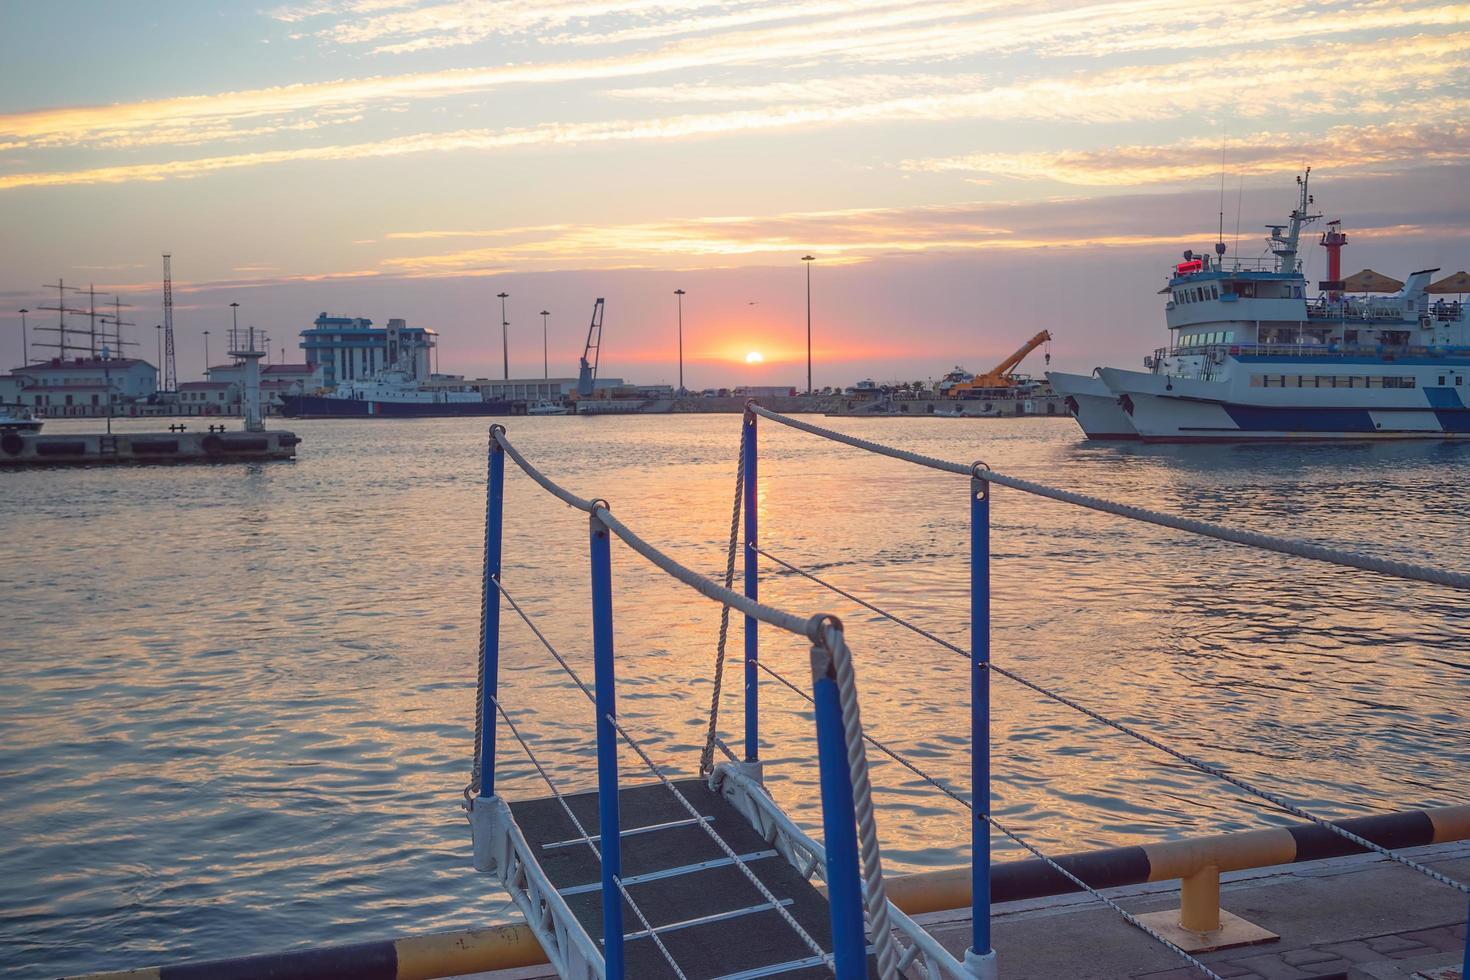 porto marittimo con navi e un tramonto colorato a sochi, russia foto